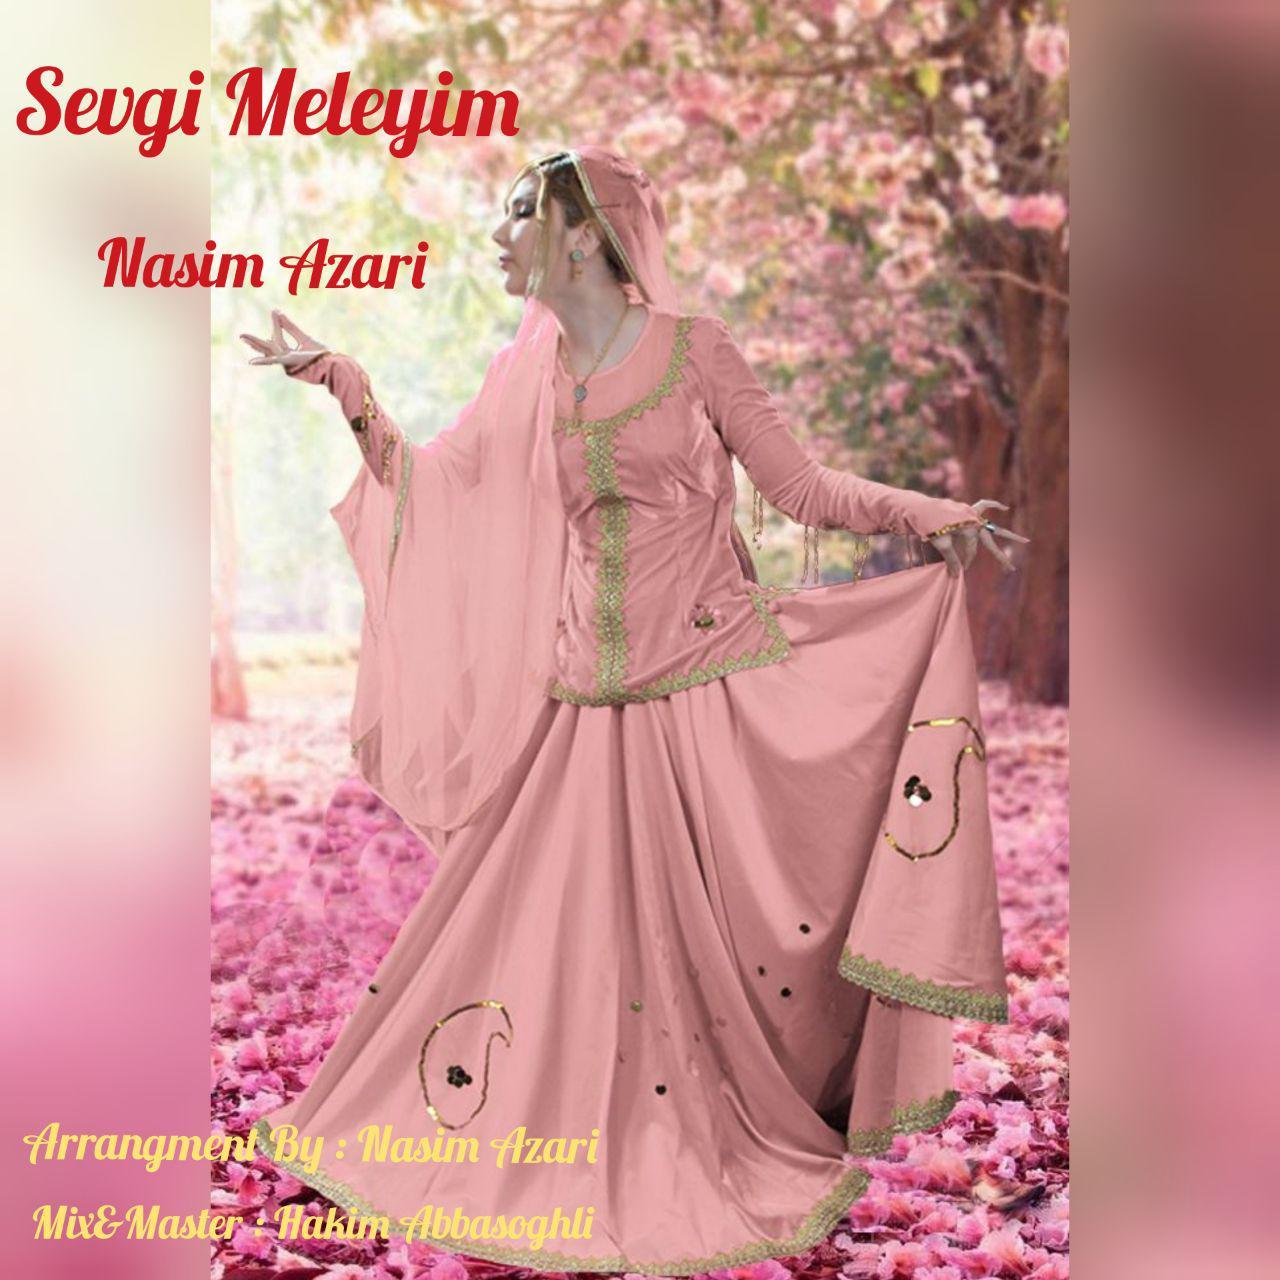 دانلود آهنگ جدید نسیم آذری به نام  Sevgi Meleyim